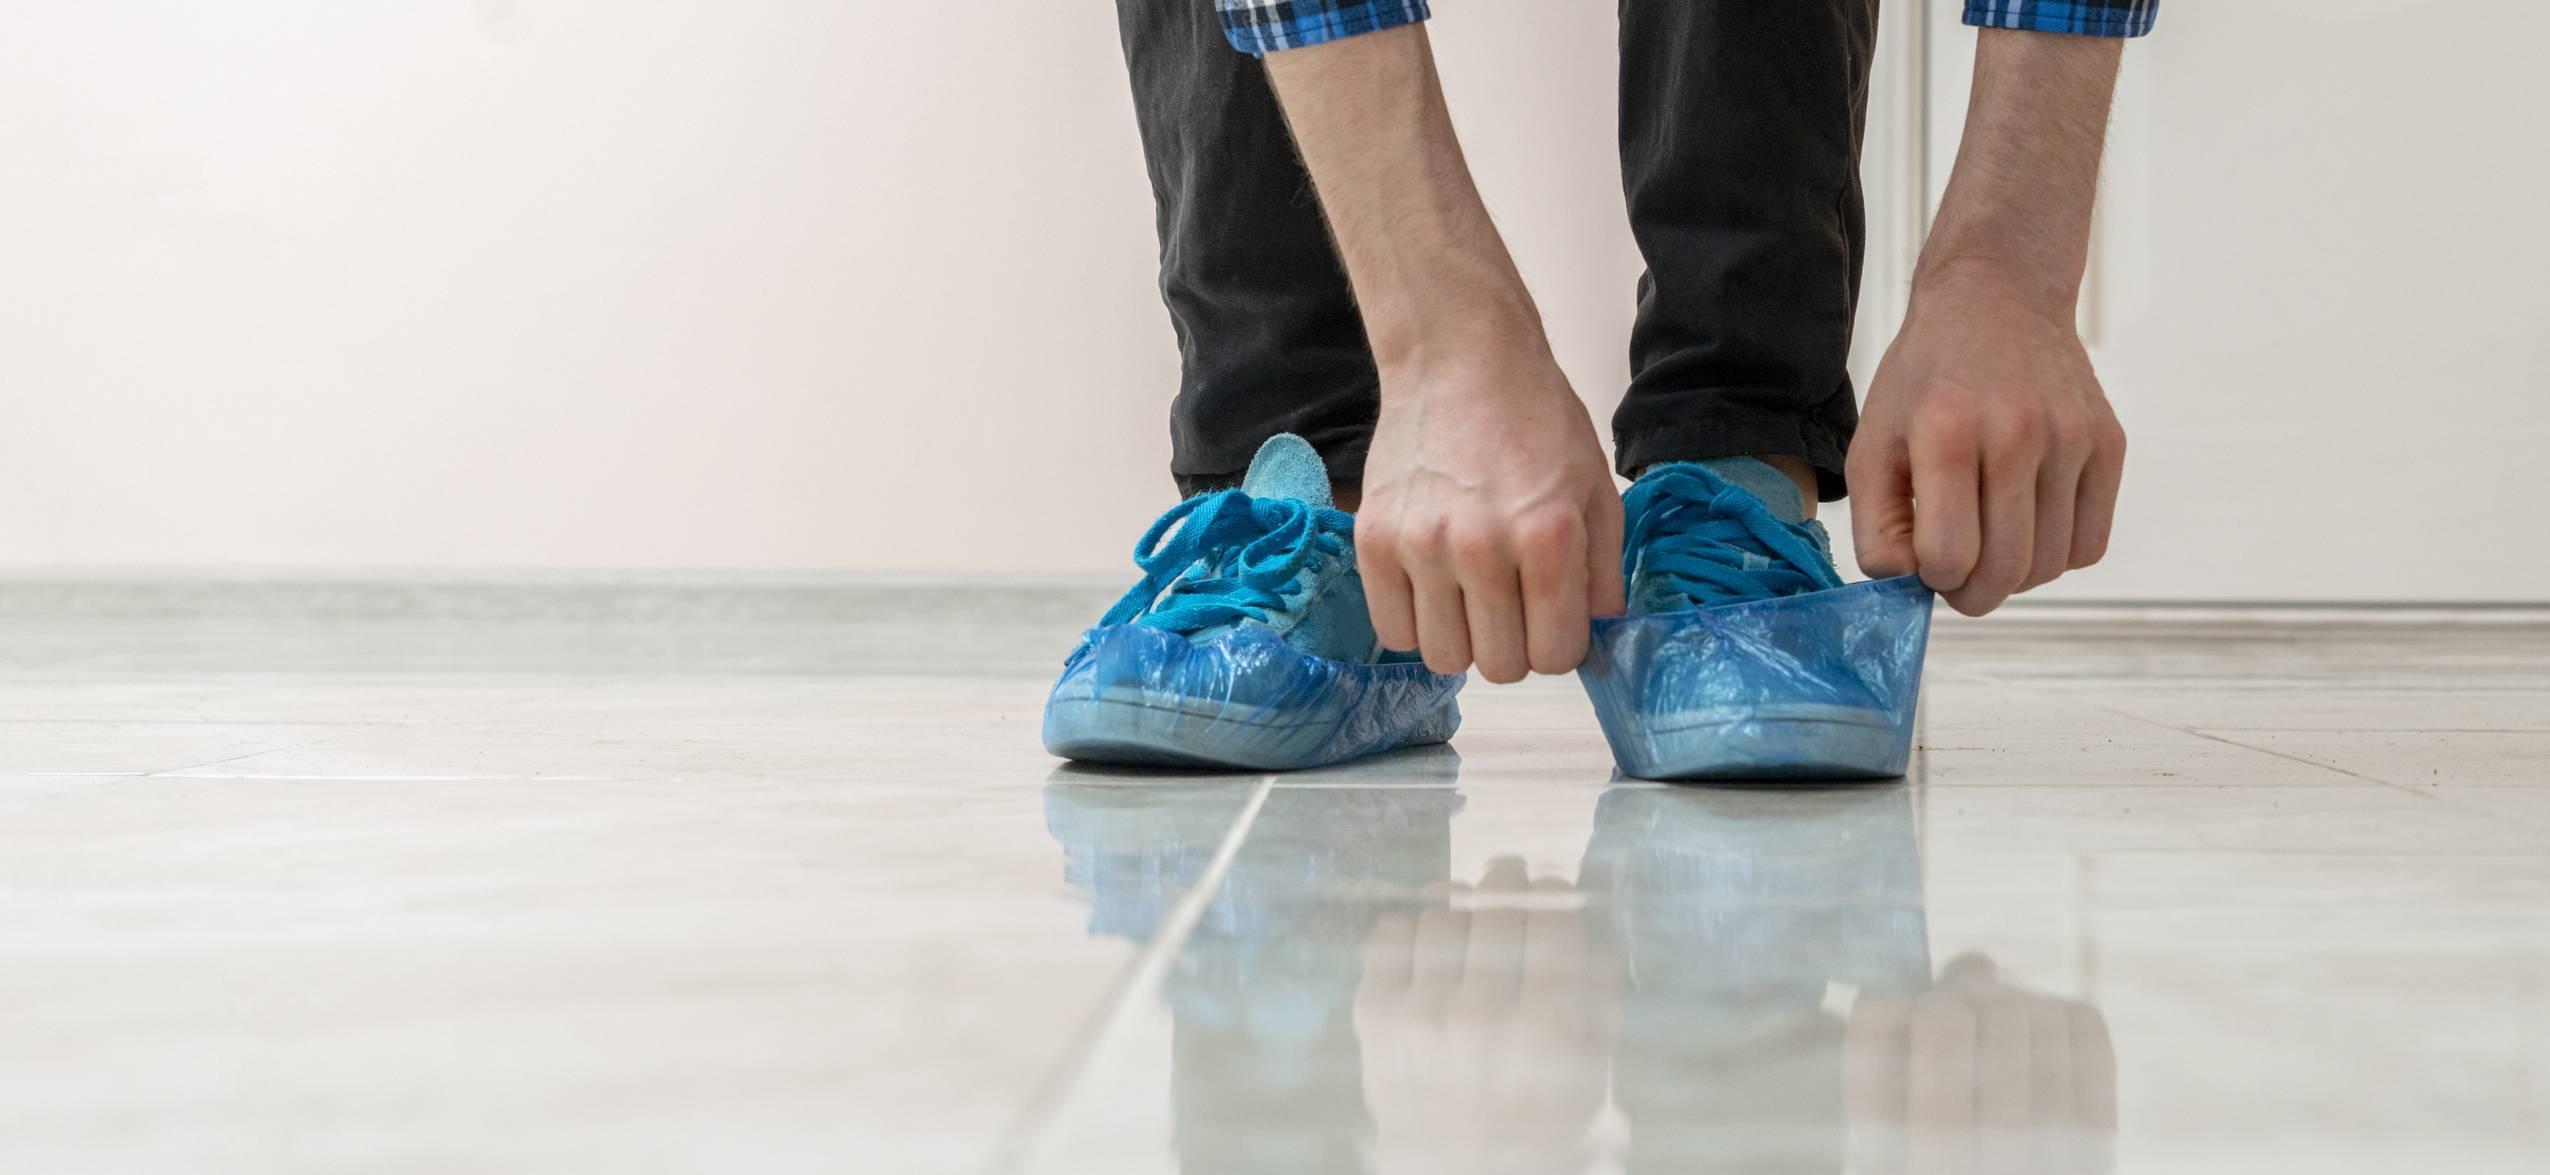 chaussures milieu médical